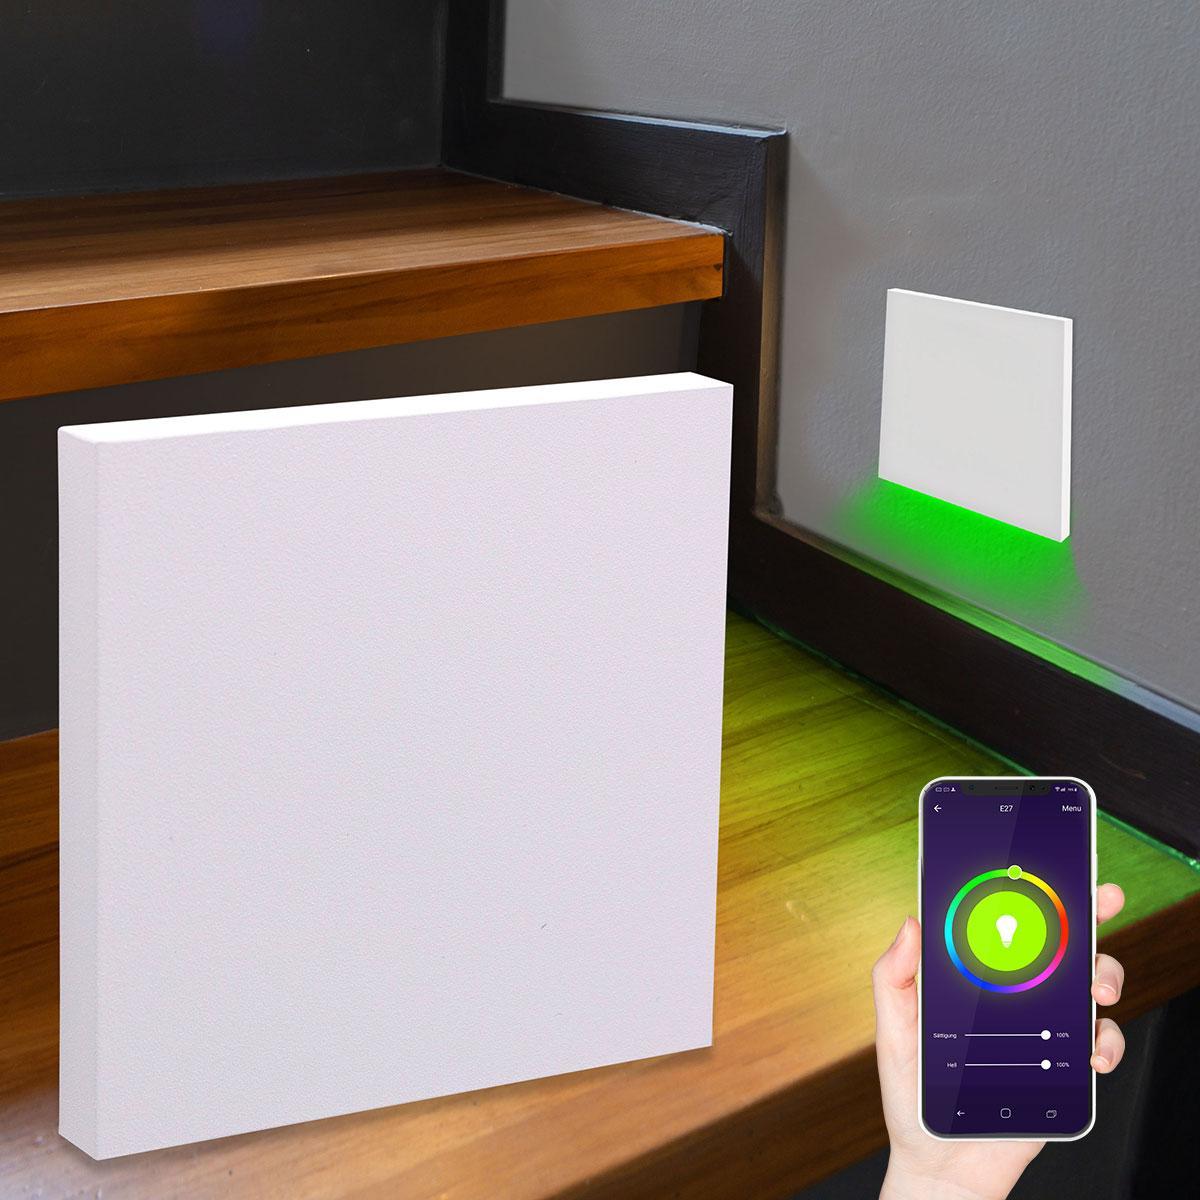 LED Treppenlicht Wandeinbauleuchte Smart Tuya RGB+CCT 230V 5W weiß Lichtaustritt unten